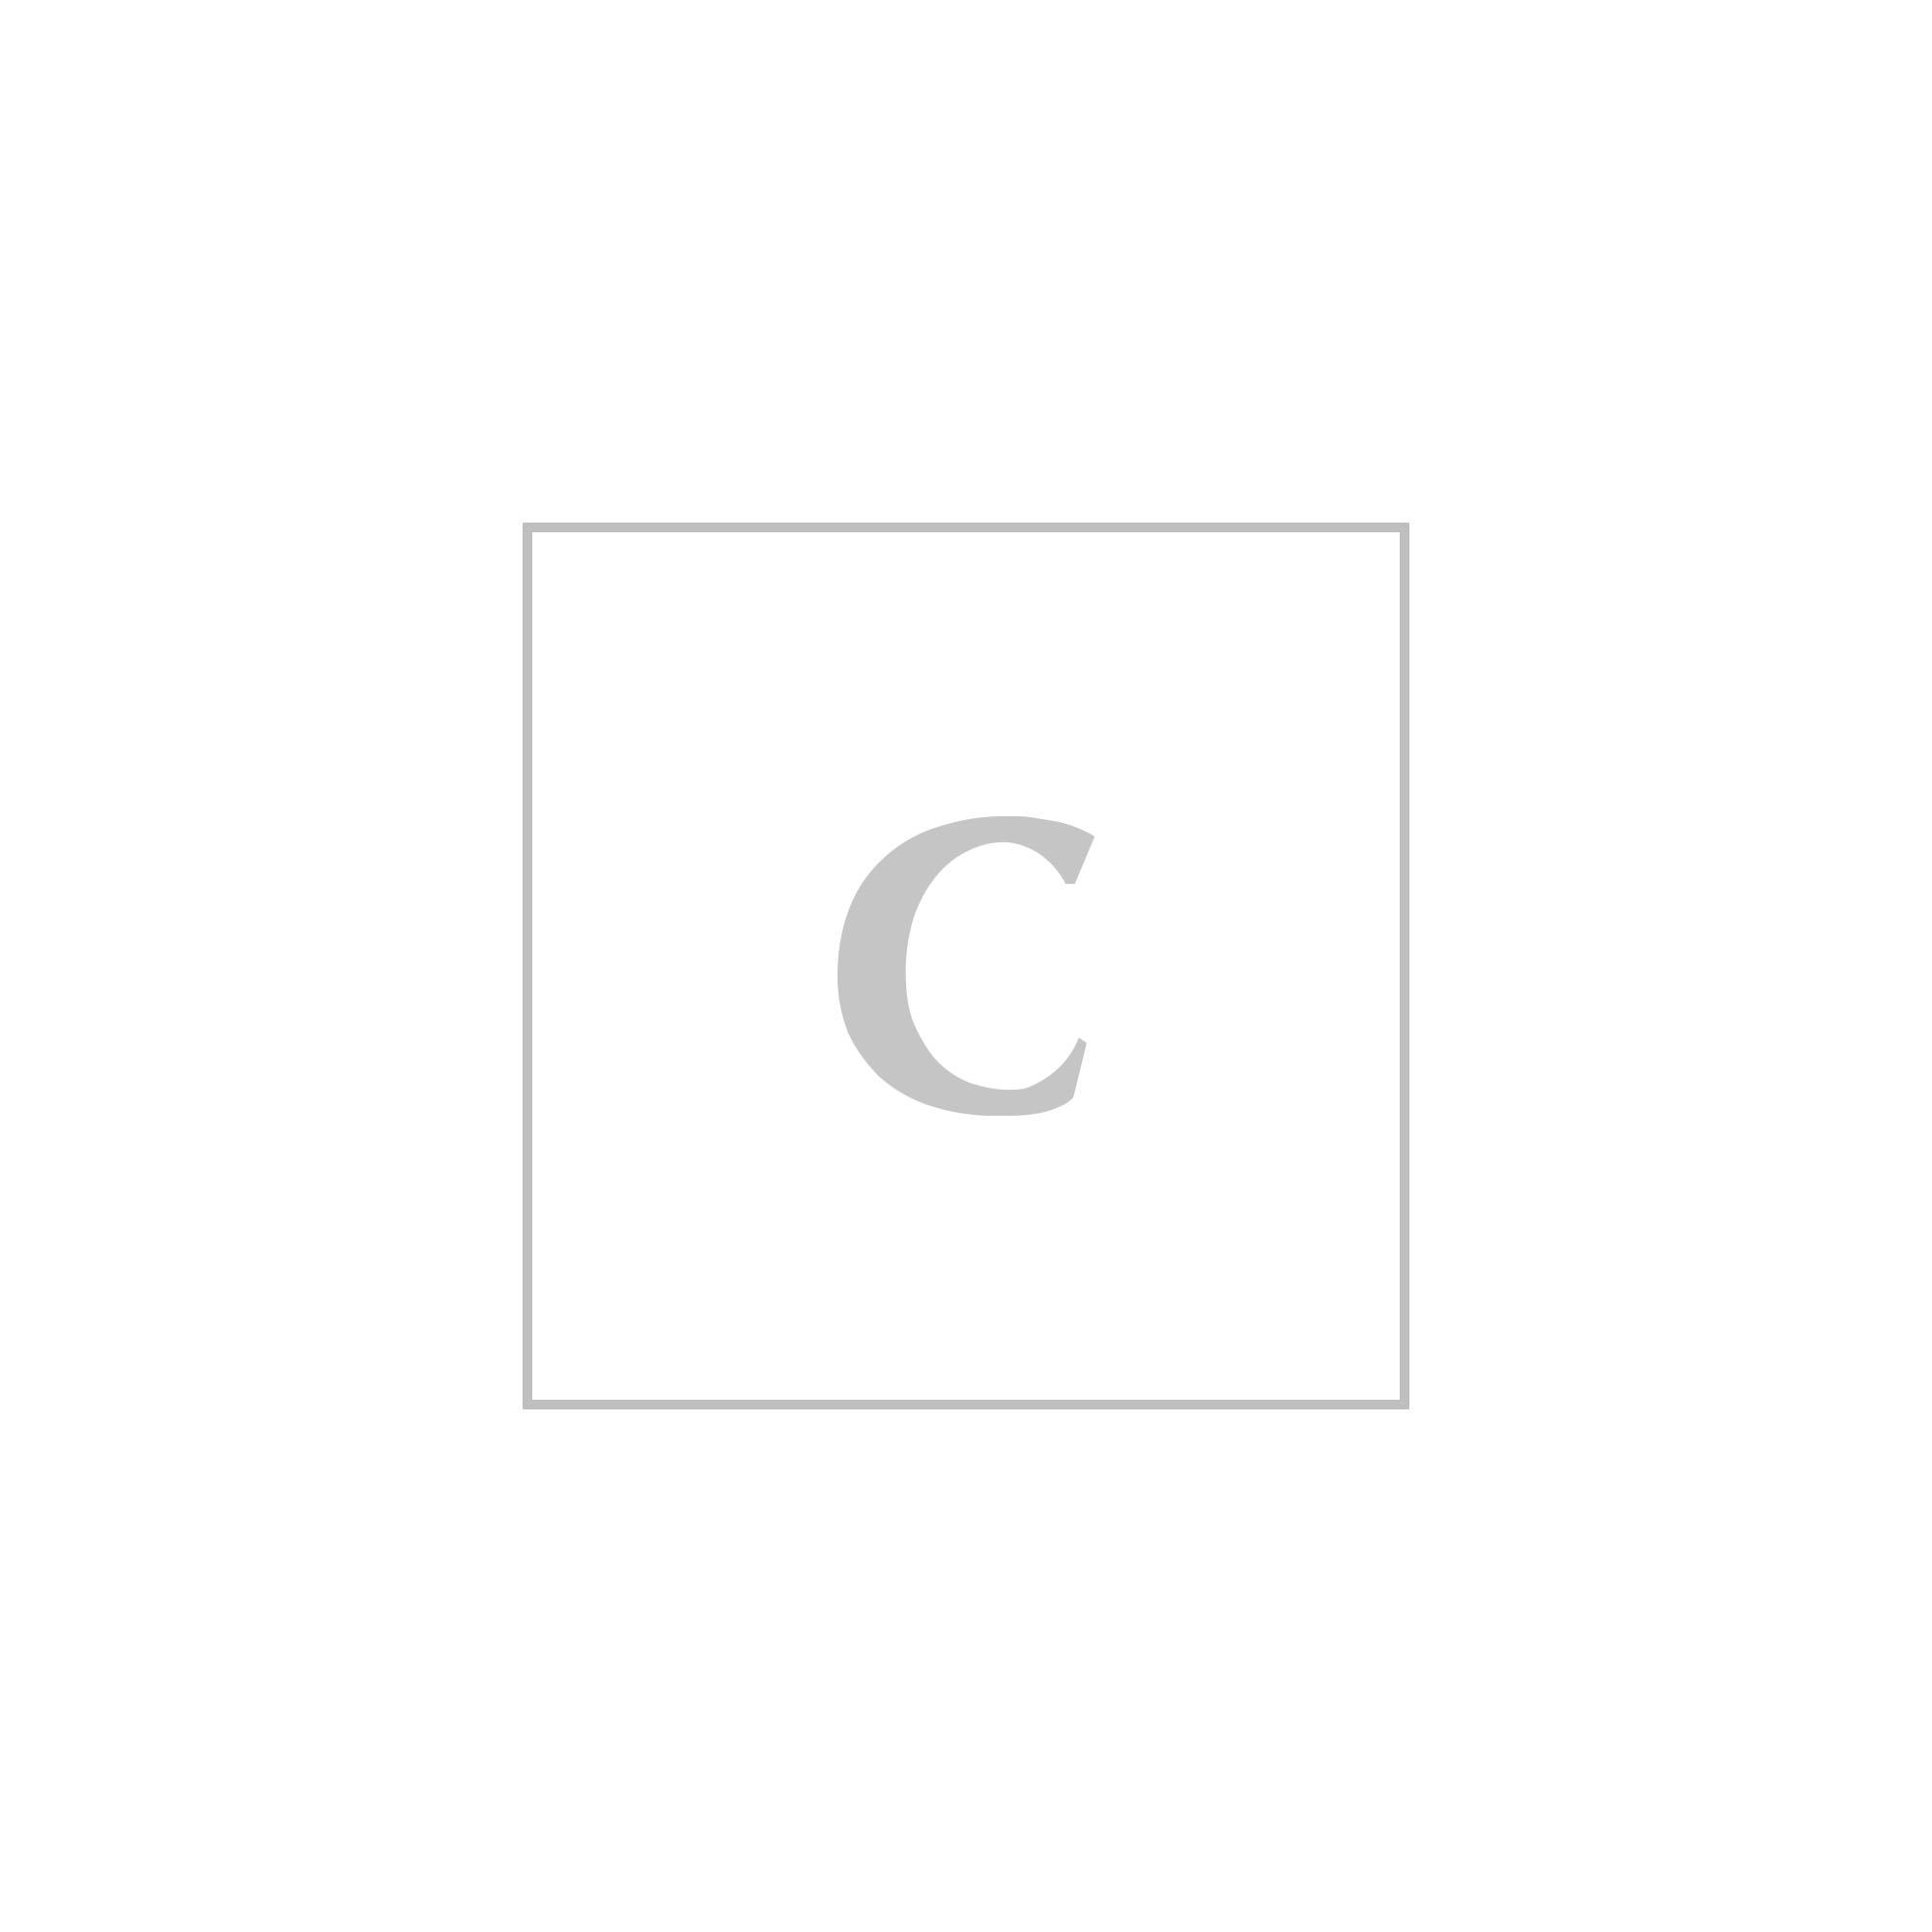 Dolce & gabbana calfskin crossbody bag